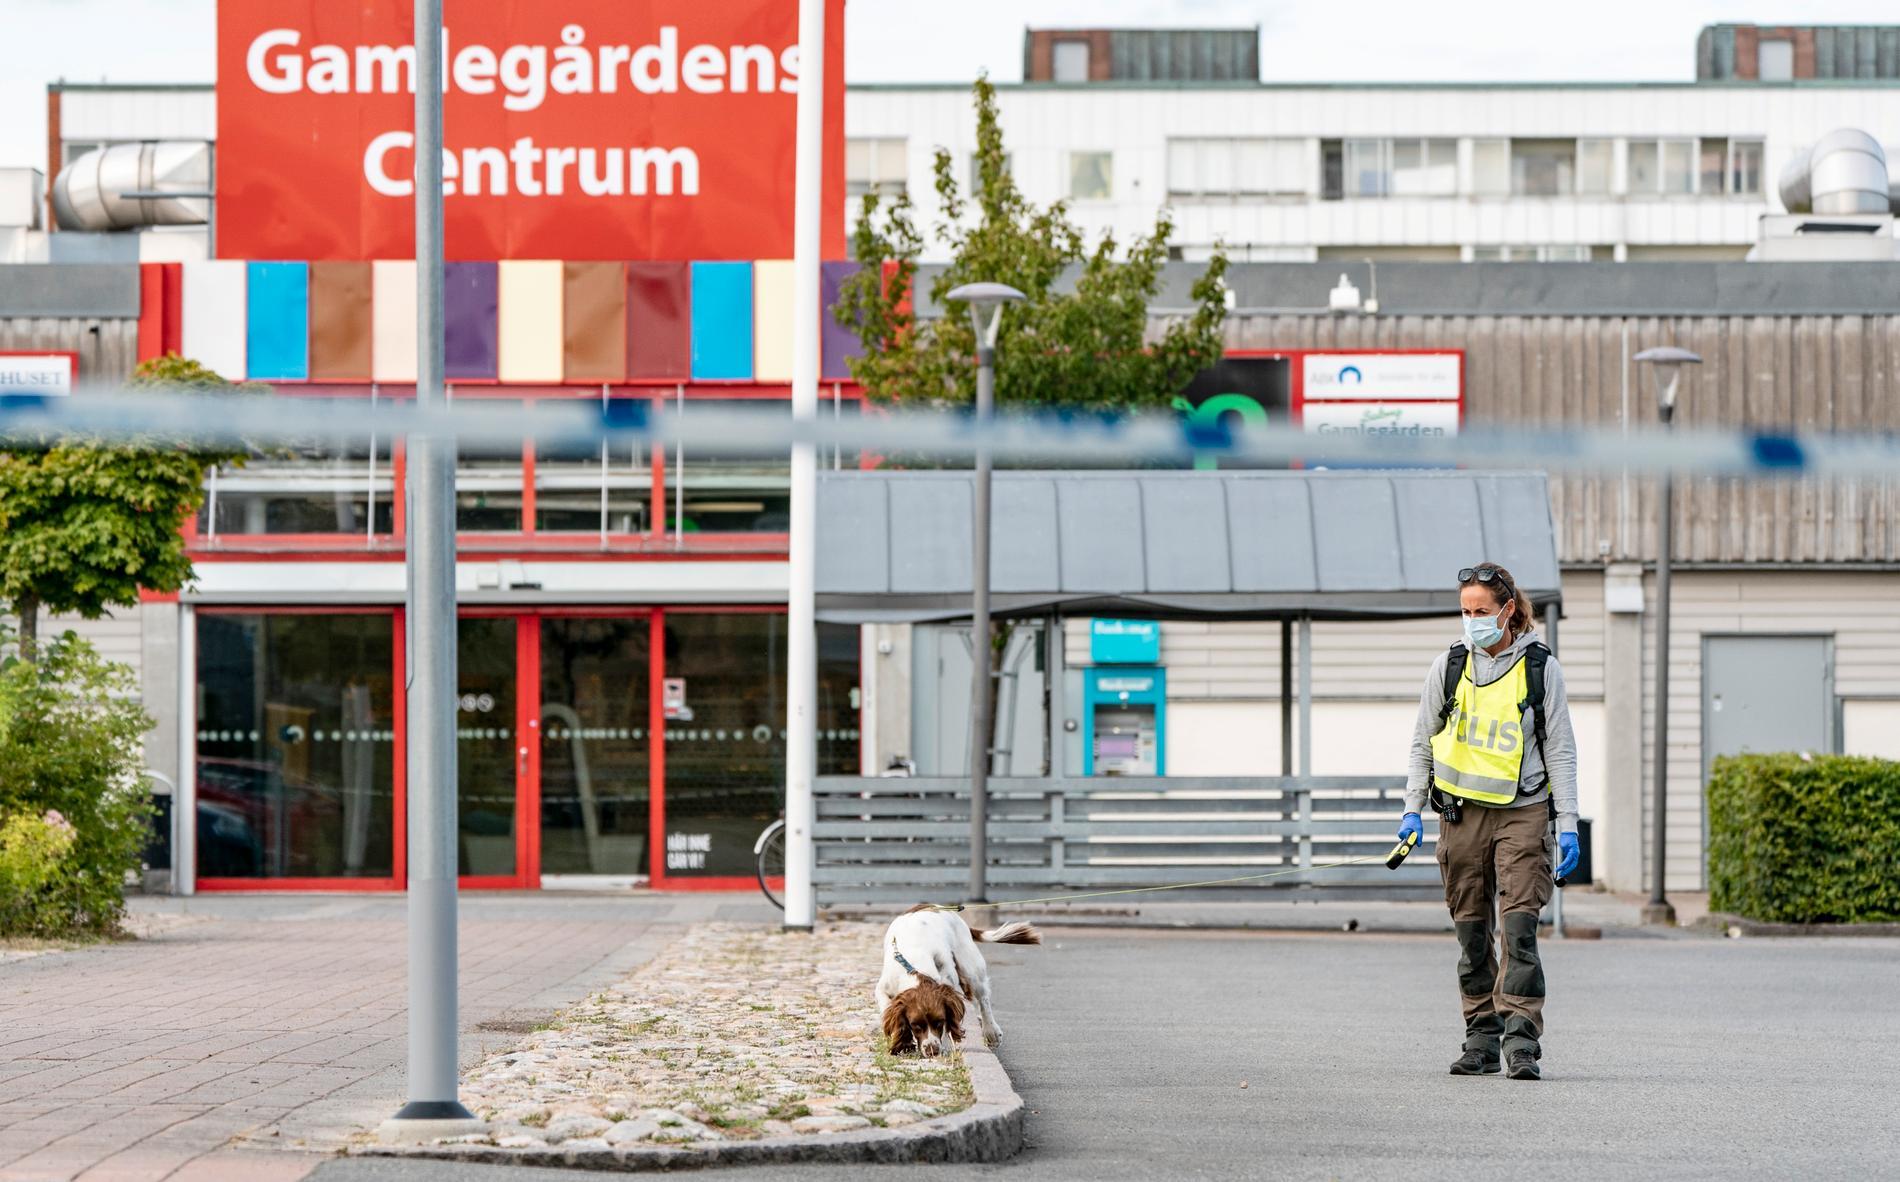 Tre personer skadades vid en skottlossning den 3 augusti vid Gamlegårdens centrum i Kristianstad. Arkivbild.